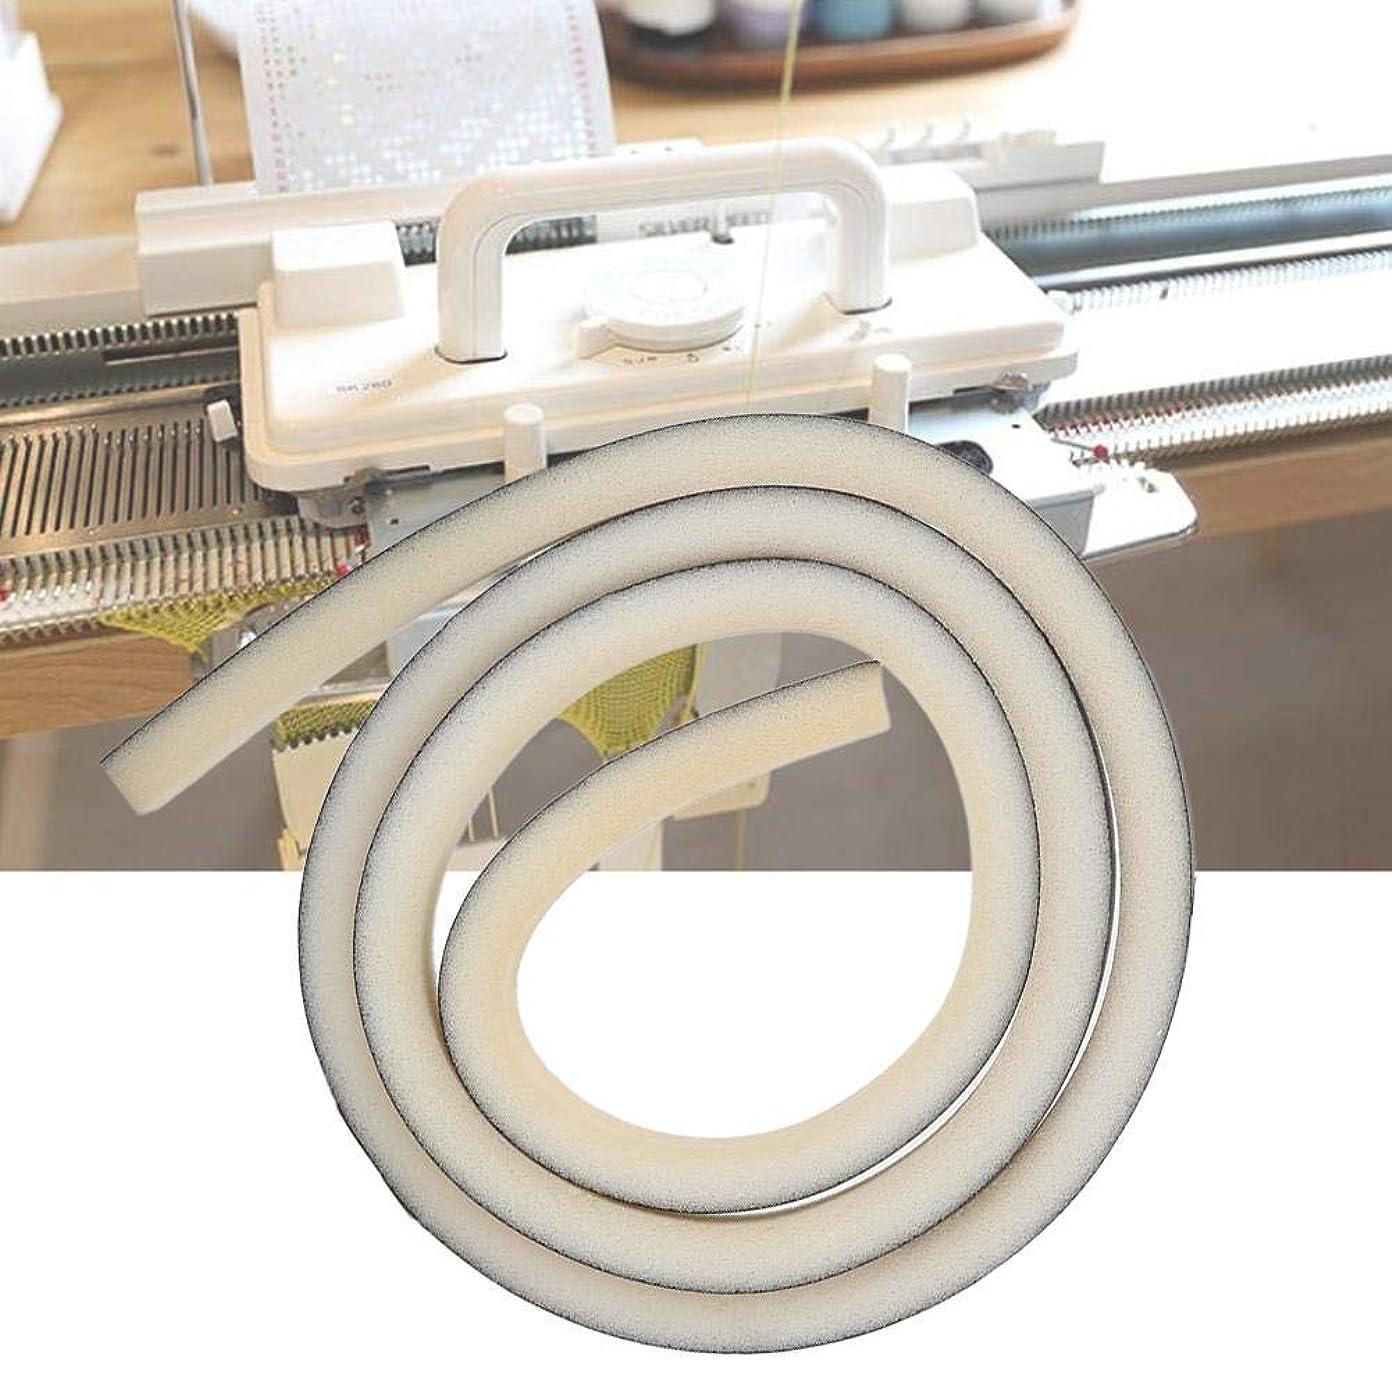 しっかり必要暗い軽量スポンジバー、高密度安定針スポンジバー、KH871 KH821に有用